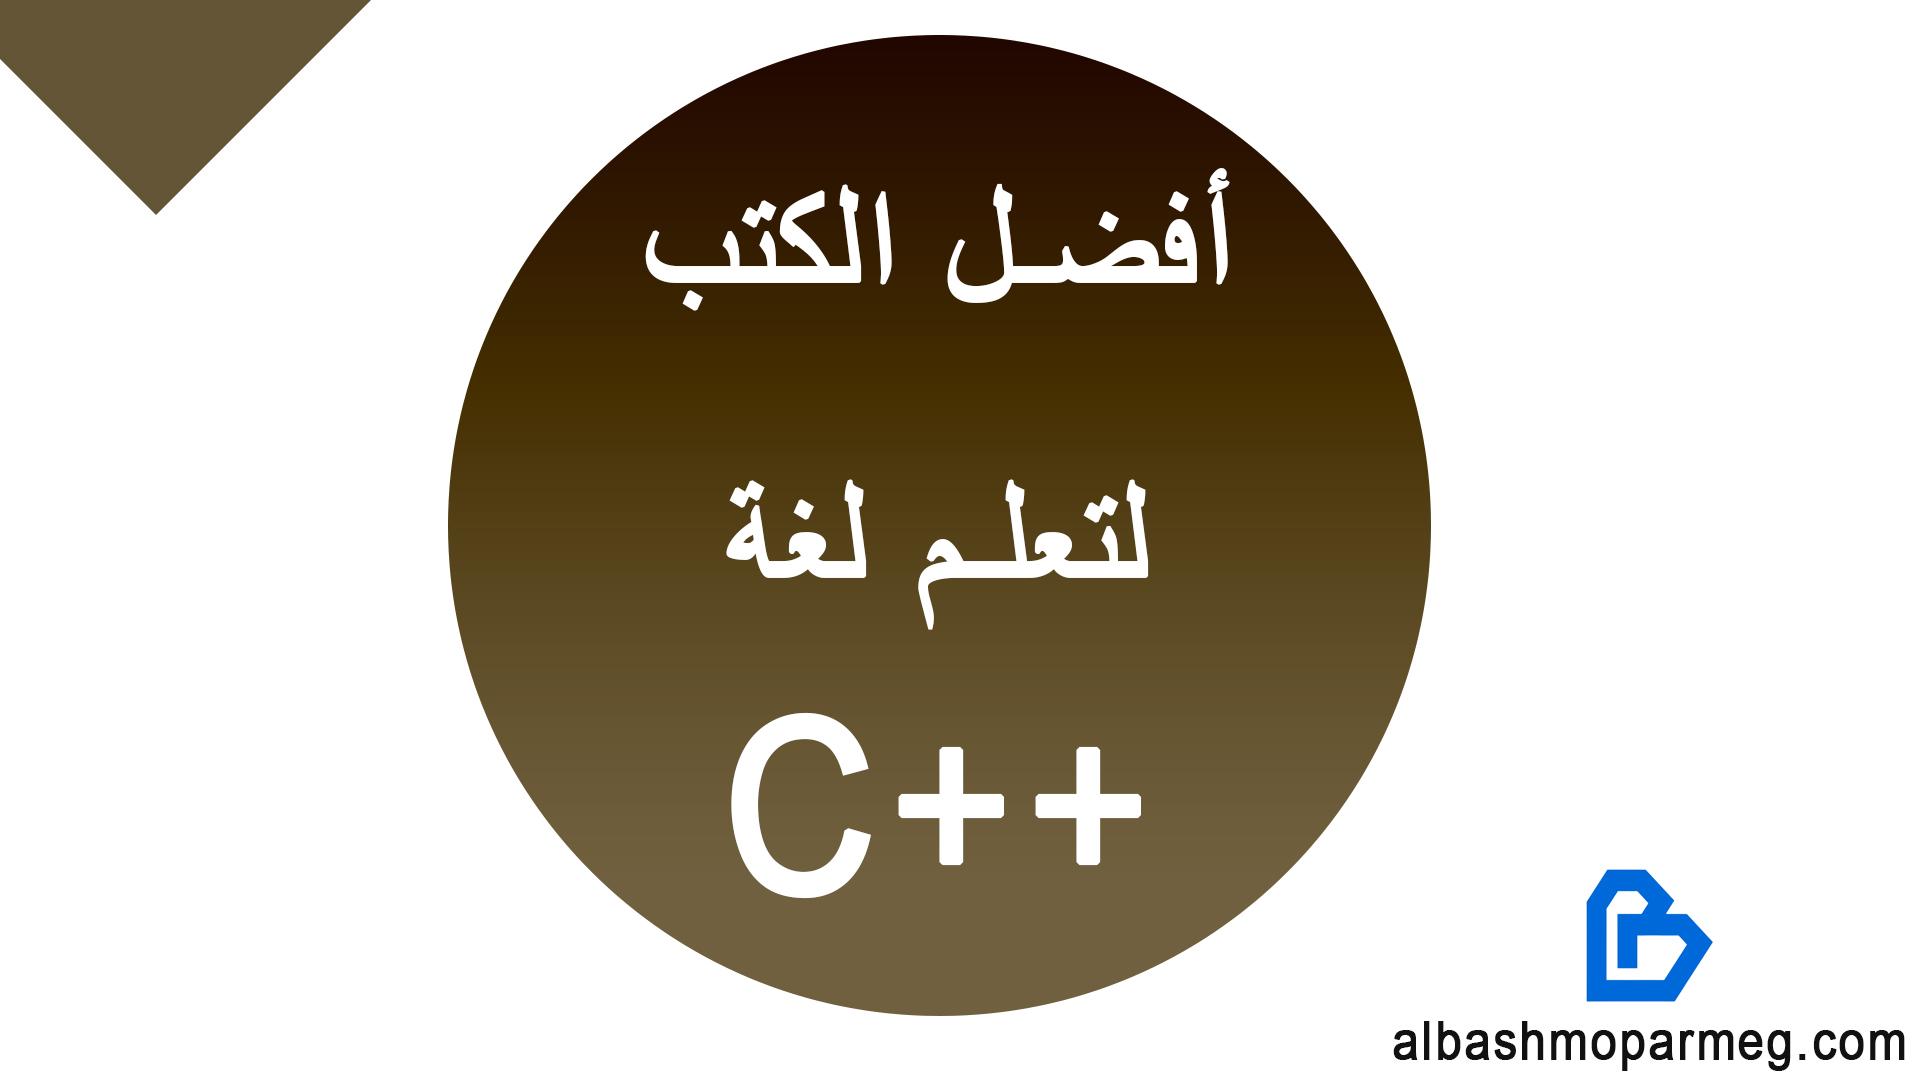 أفضل-الكتب-لتعلم-لغة-C++---الباشمبرمج